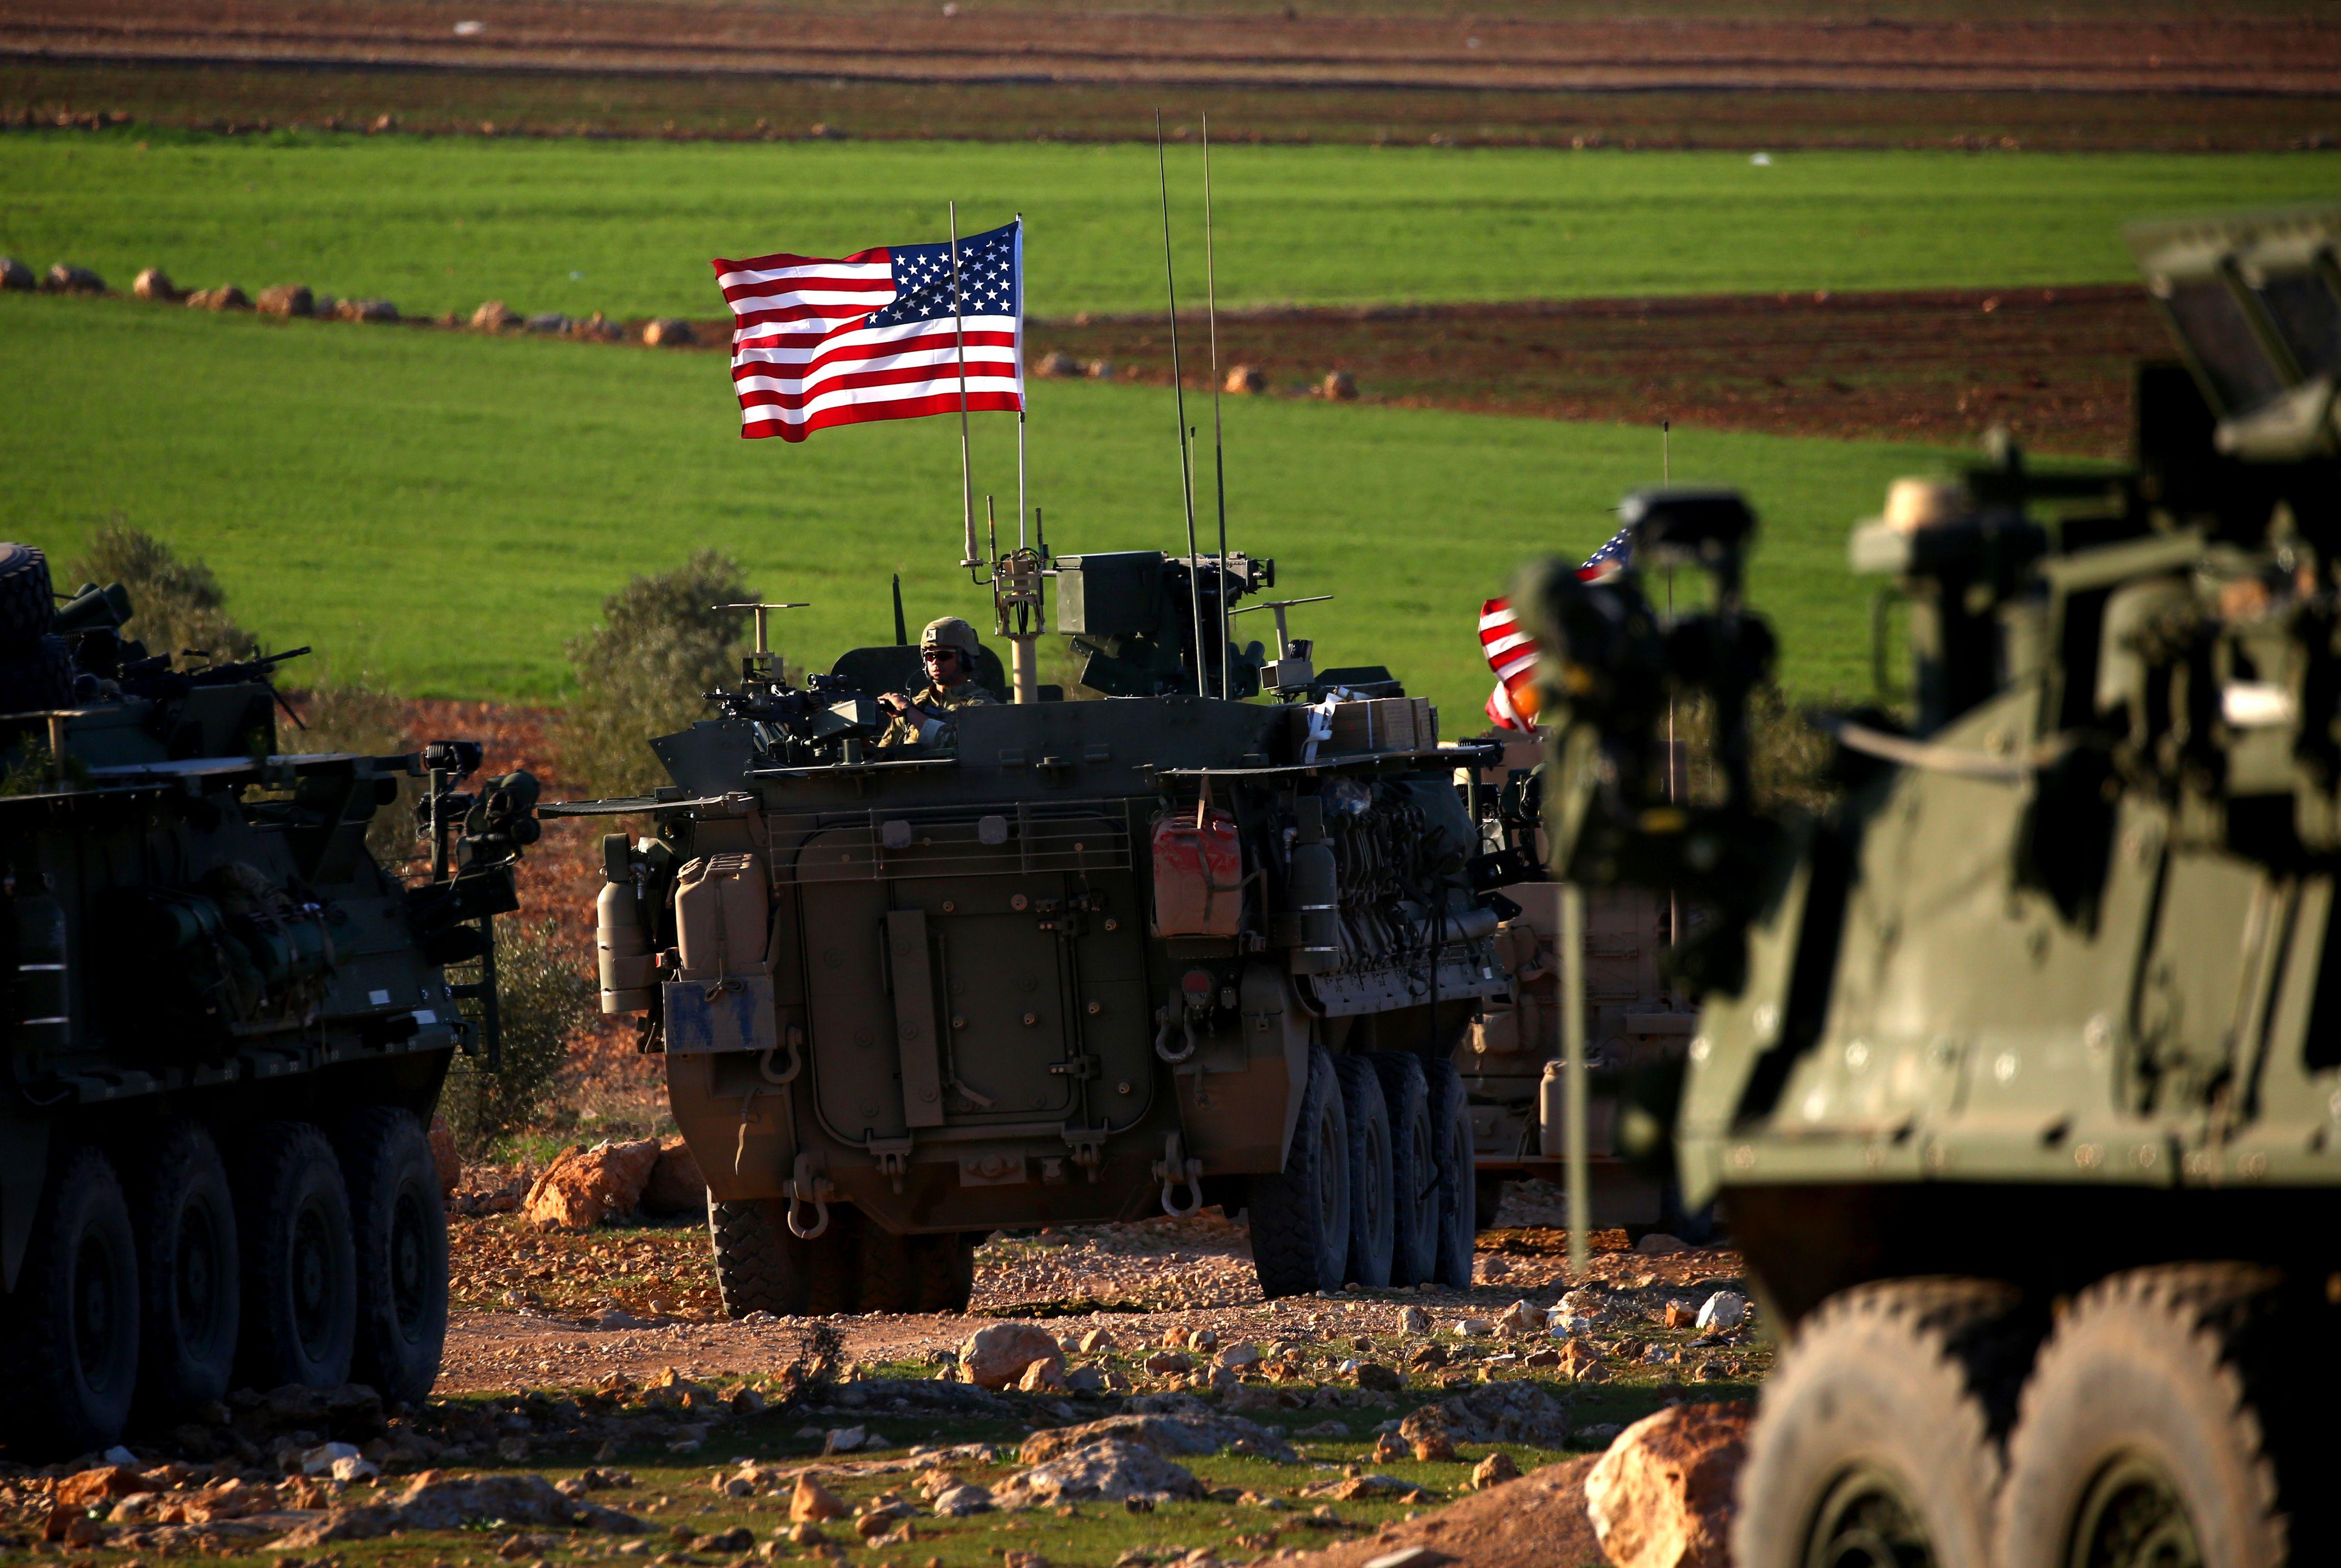 صورة نيويورك تايمز: على واشنطن التدخل لحماية المدنيين في إدلب